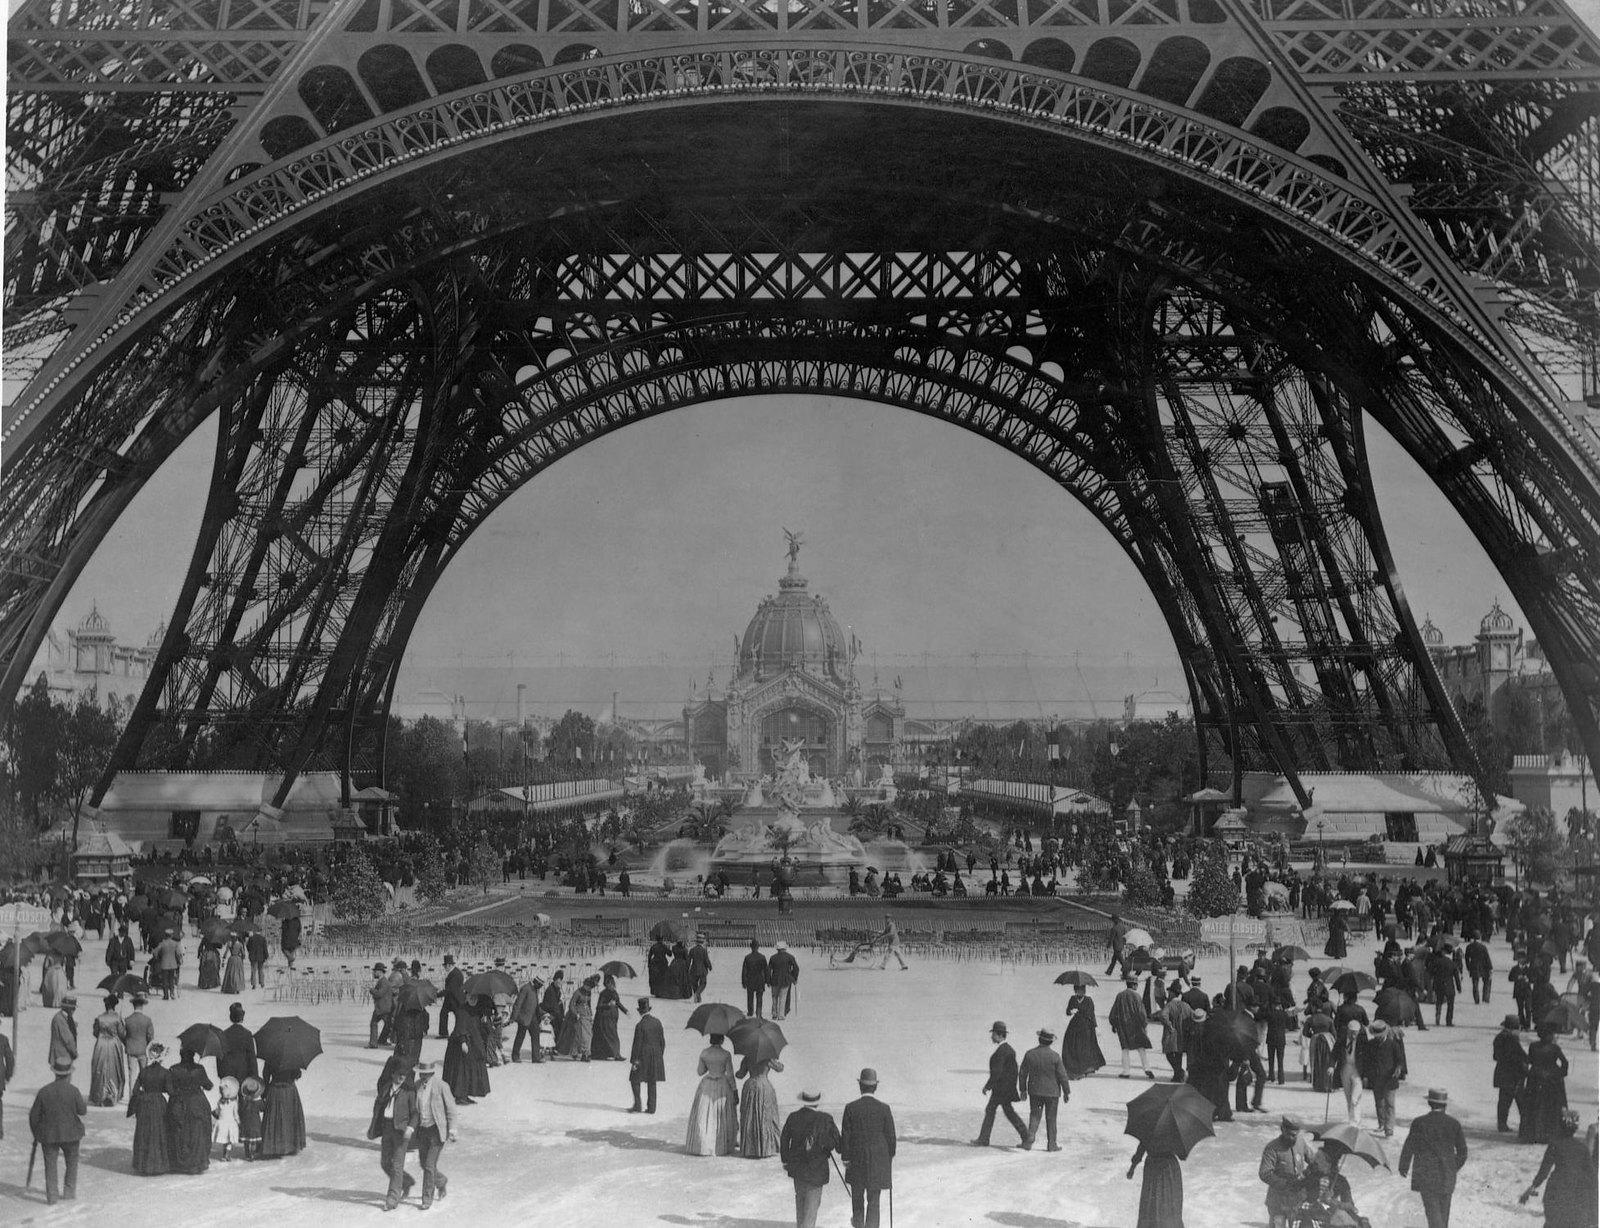 19. Посетители парижской выставки 1889 года прогуливаются по набережной вокруг Эйфелевой башни.